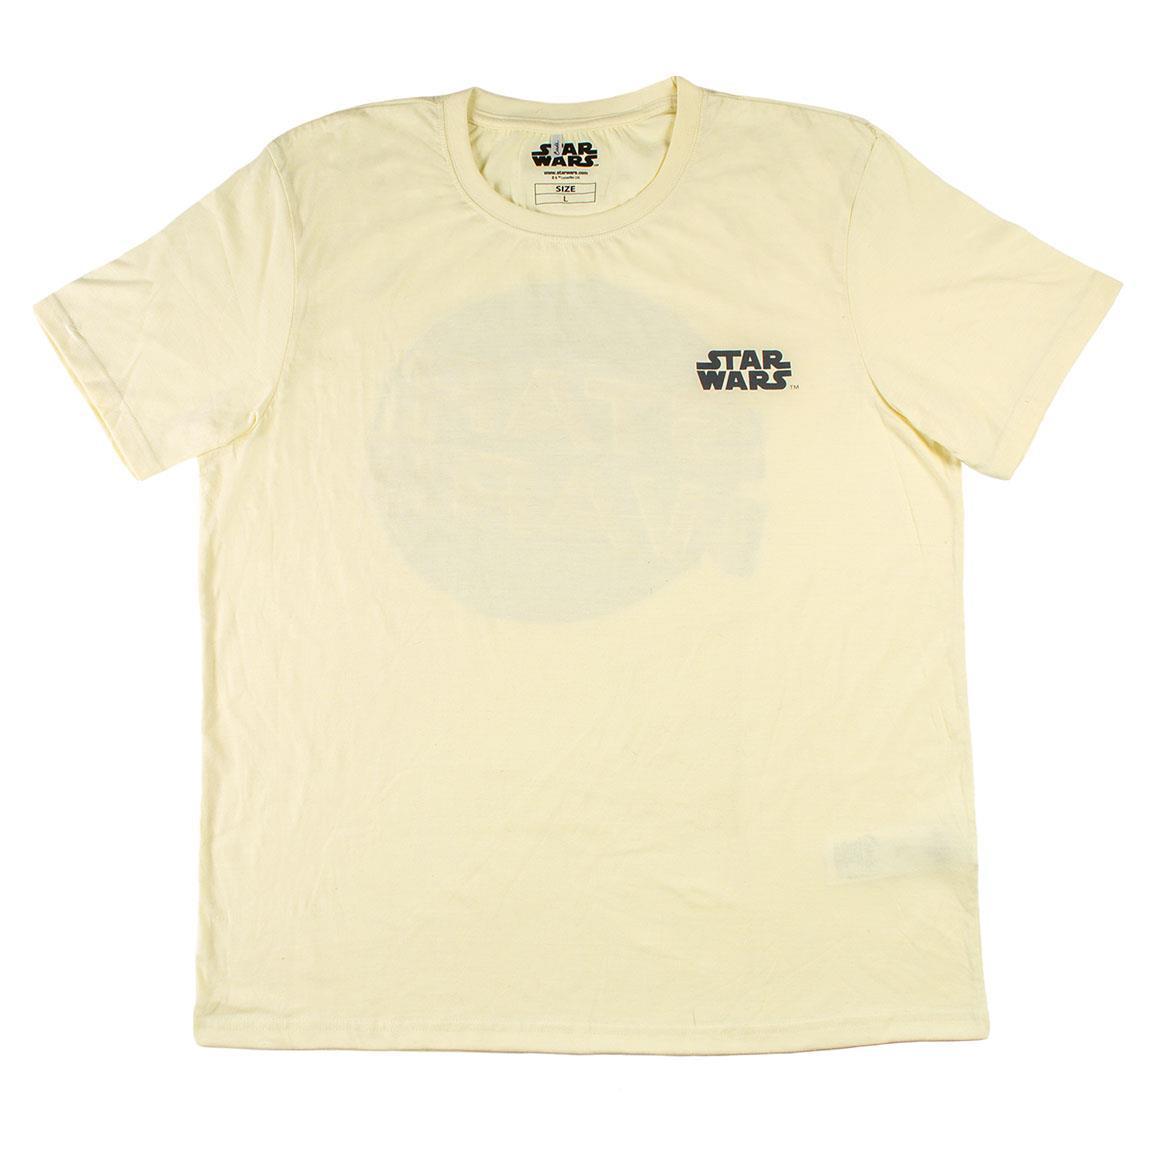 Star Wars: Logo - Premium T-Shirt (Size: M) image